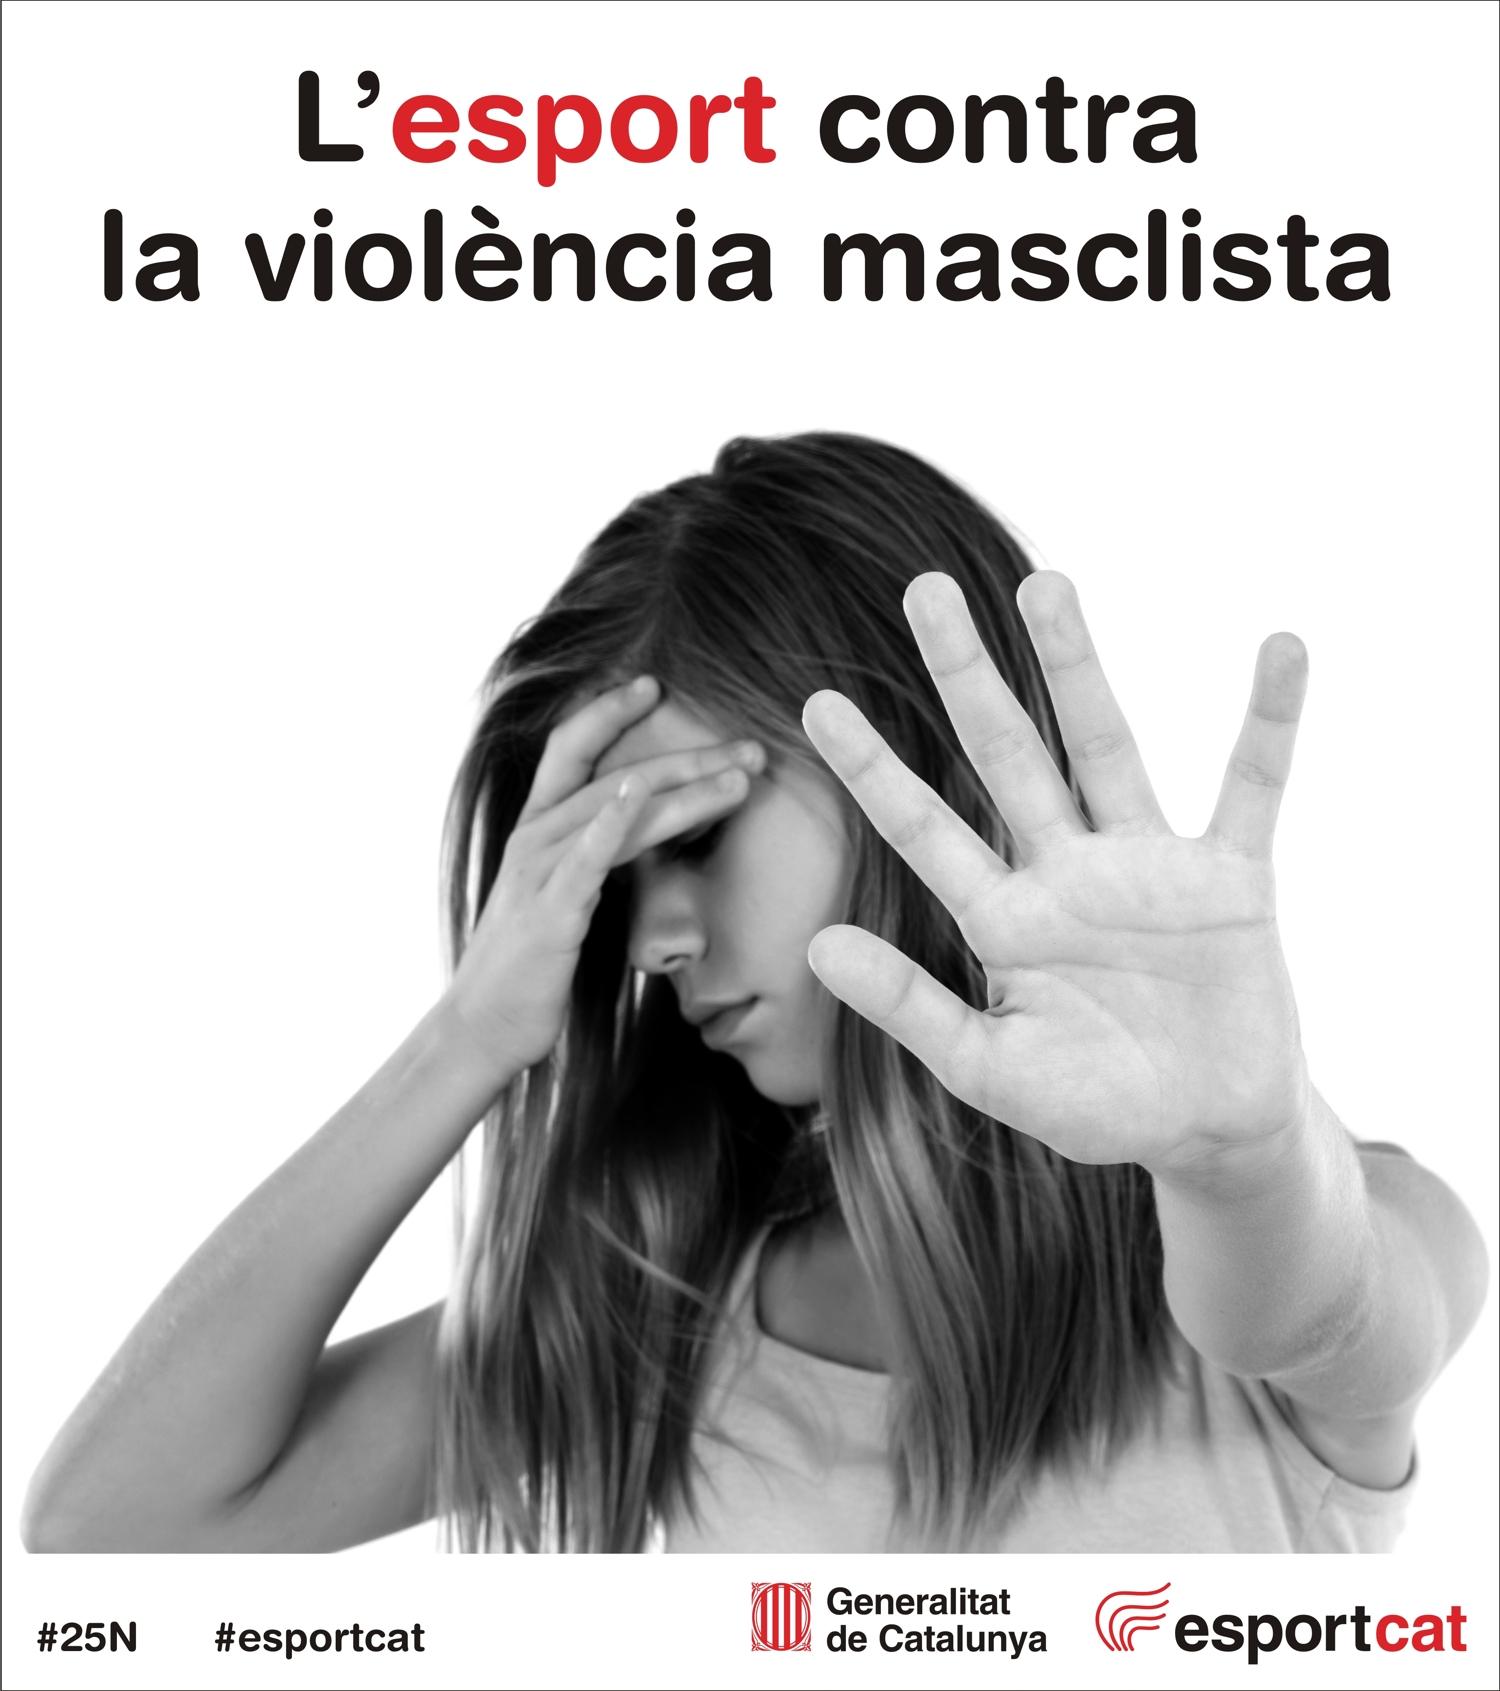 Dia Internacional per a l'eliminació de la violència envers les dones: Manifest del Món de l'Esport contra la violència masclista